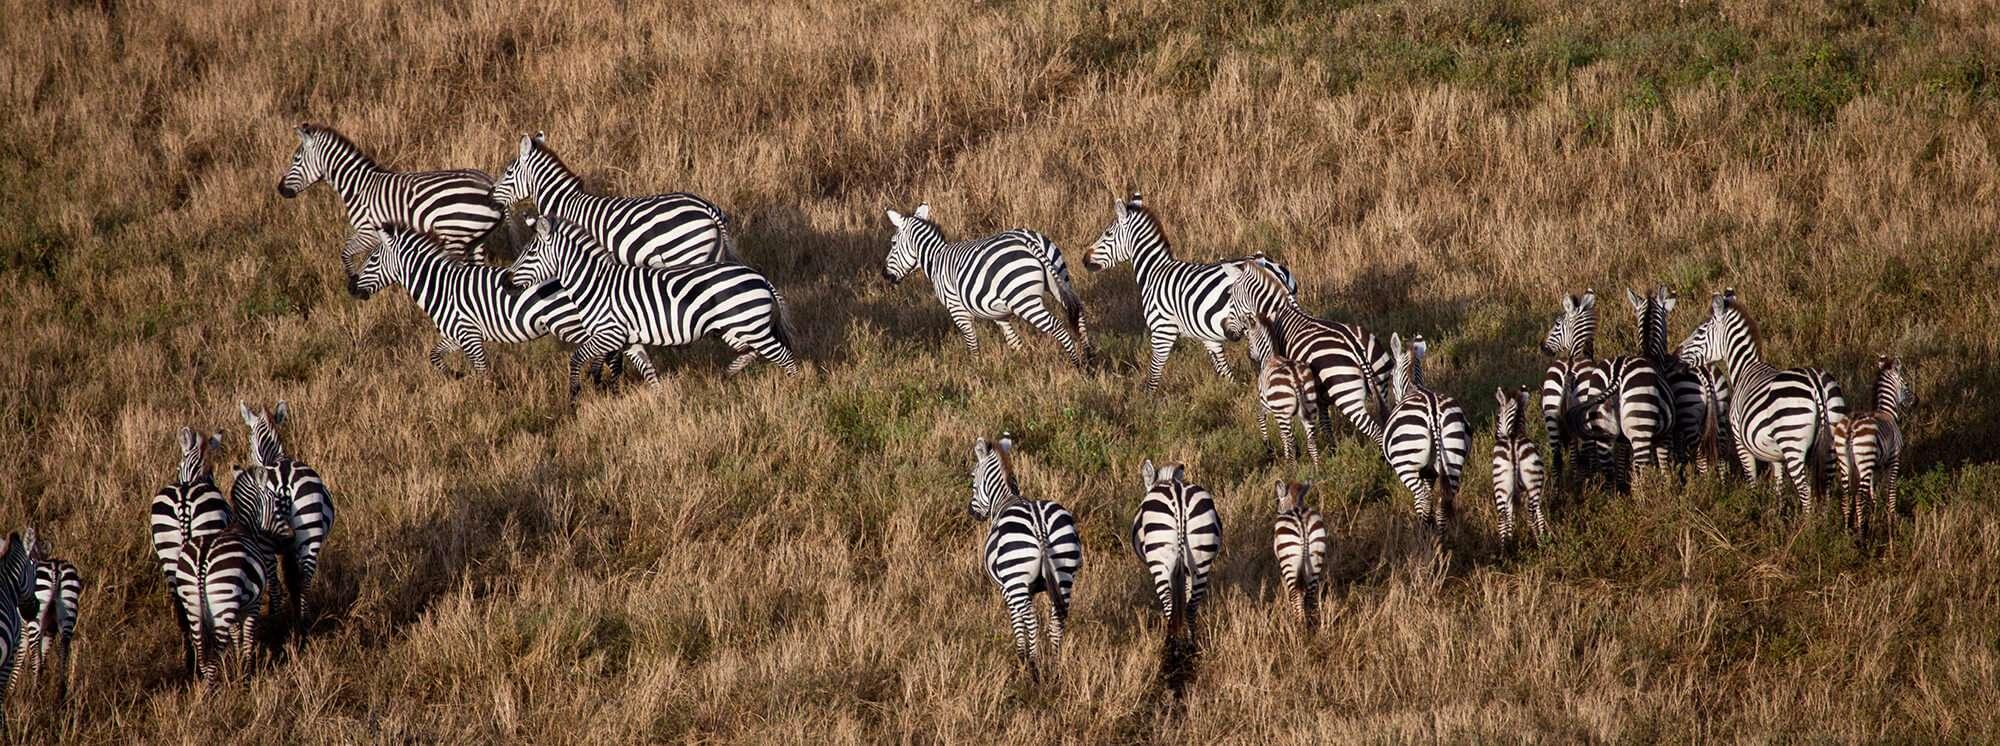 Zebra from Balloon safari